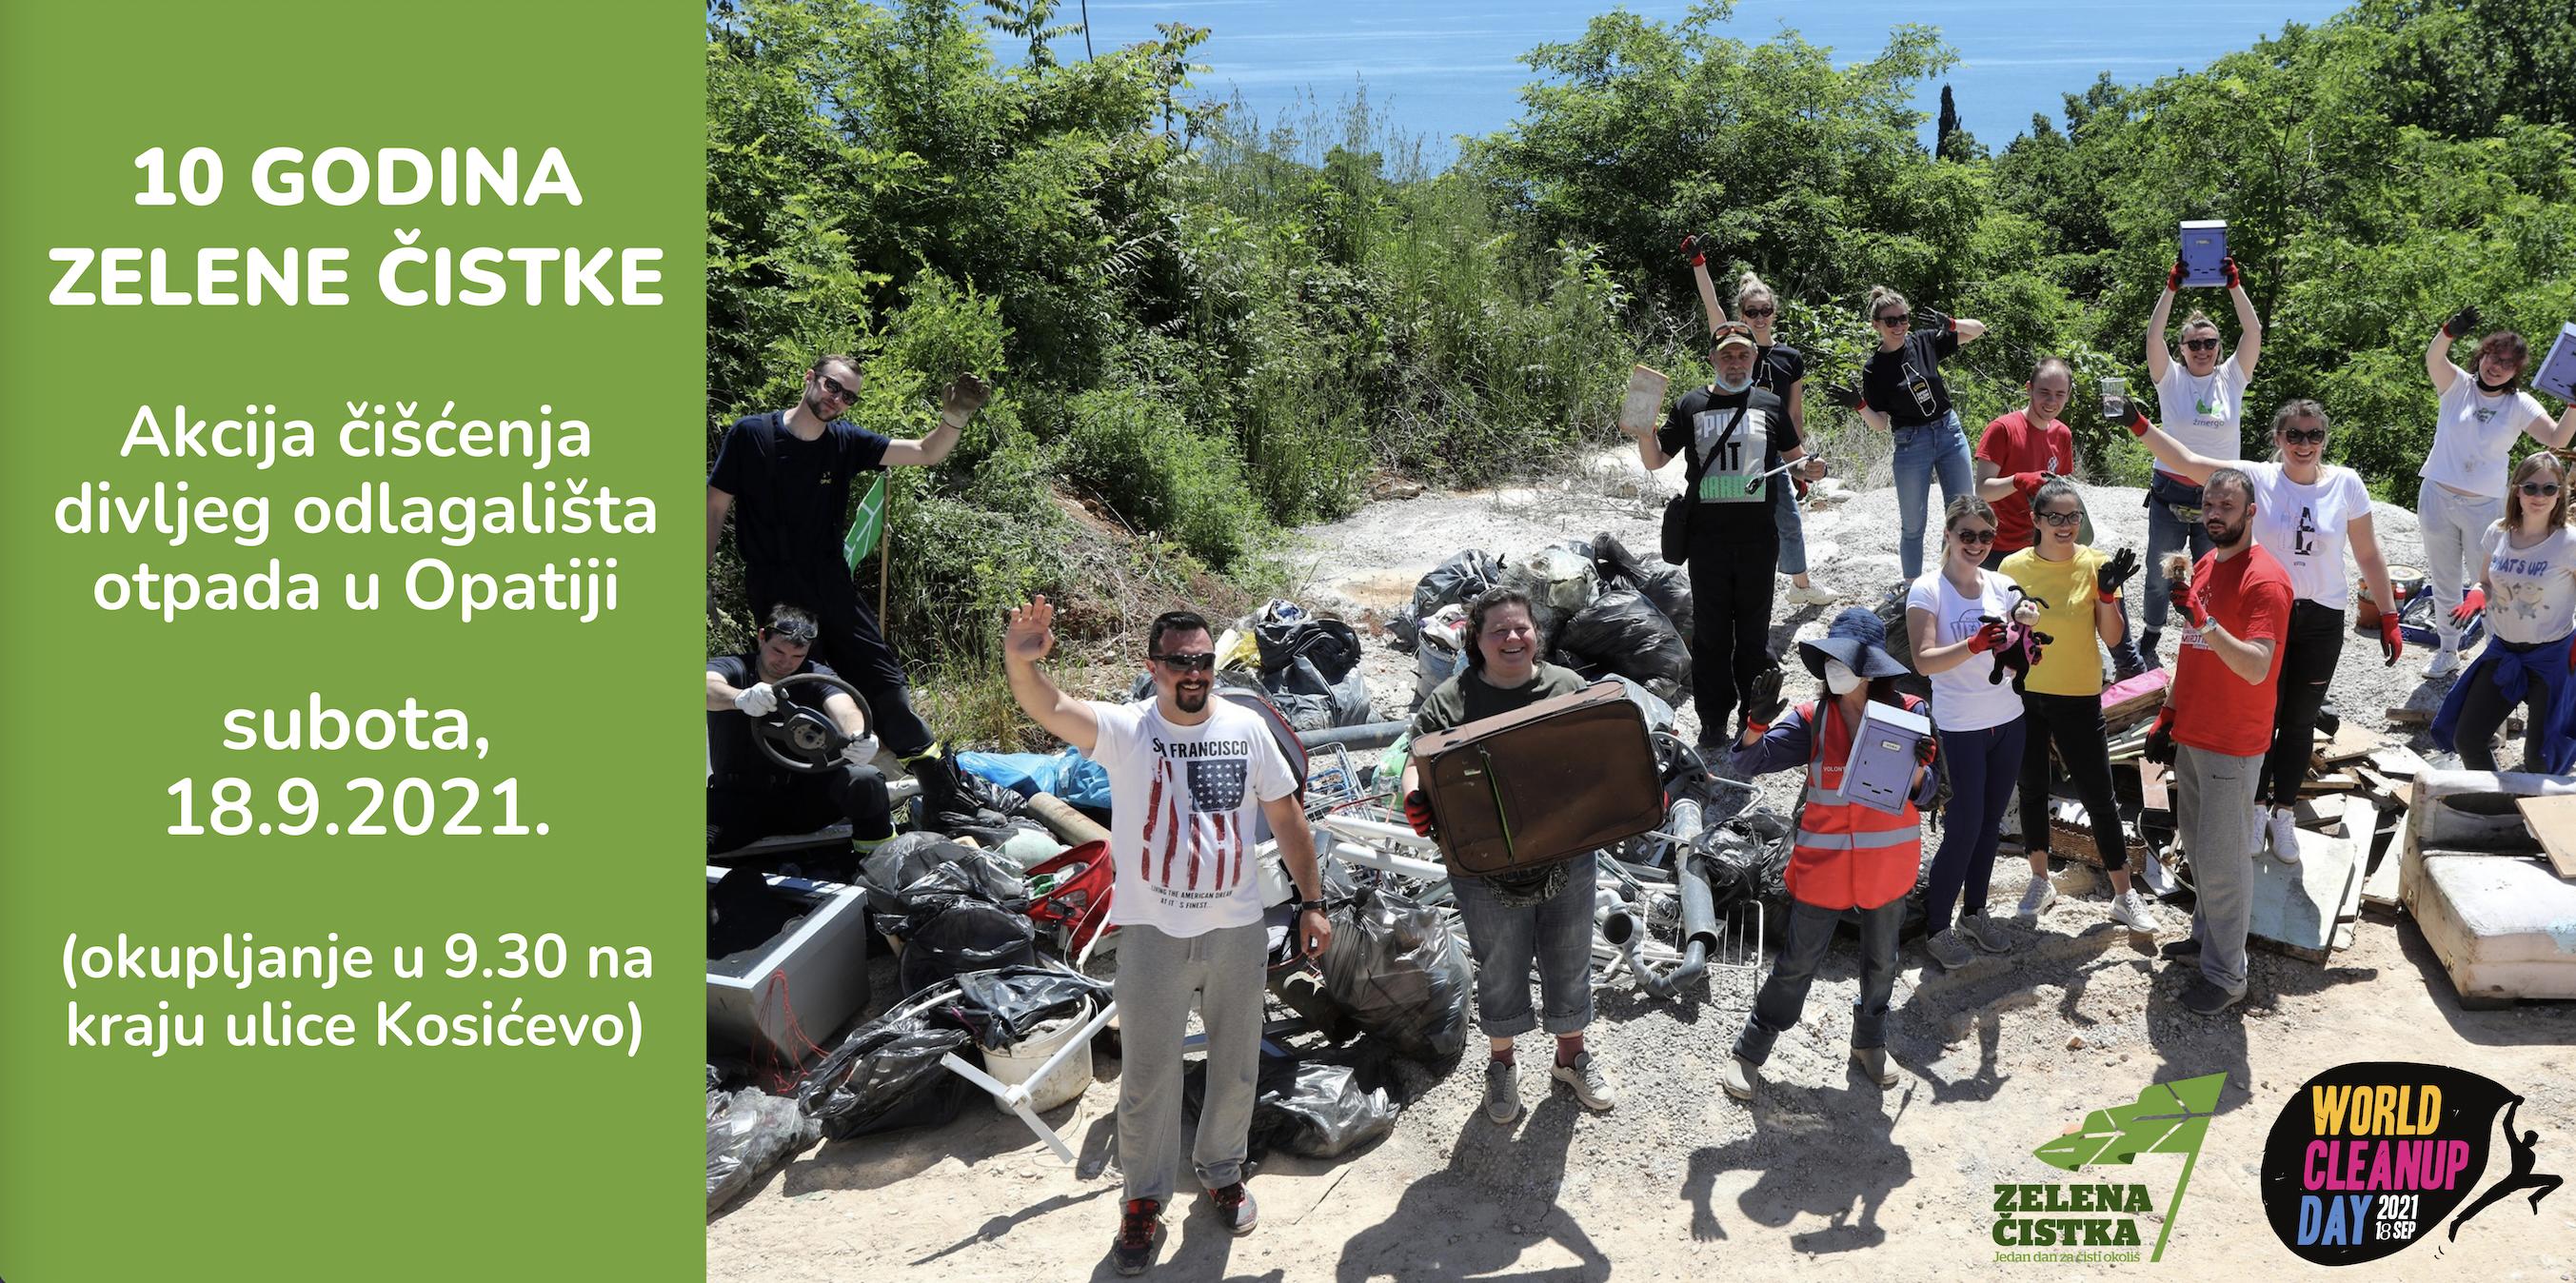 Akcijom čišćenja obilježavamo 10 godina Zelene čistke